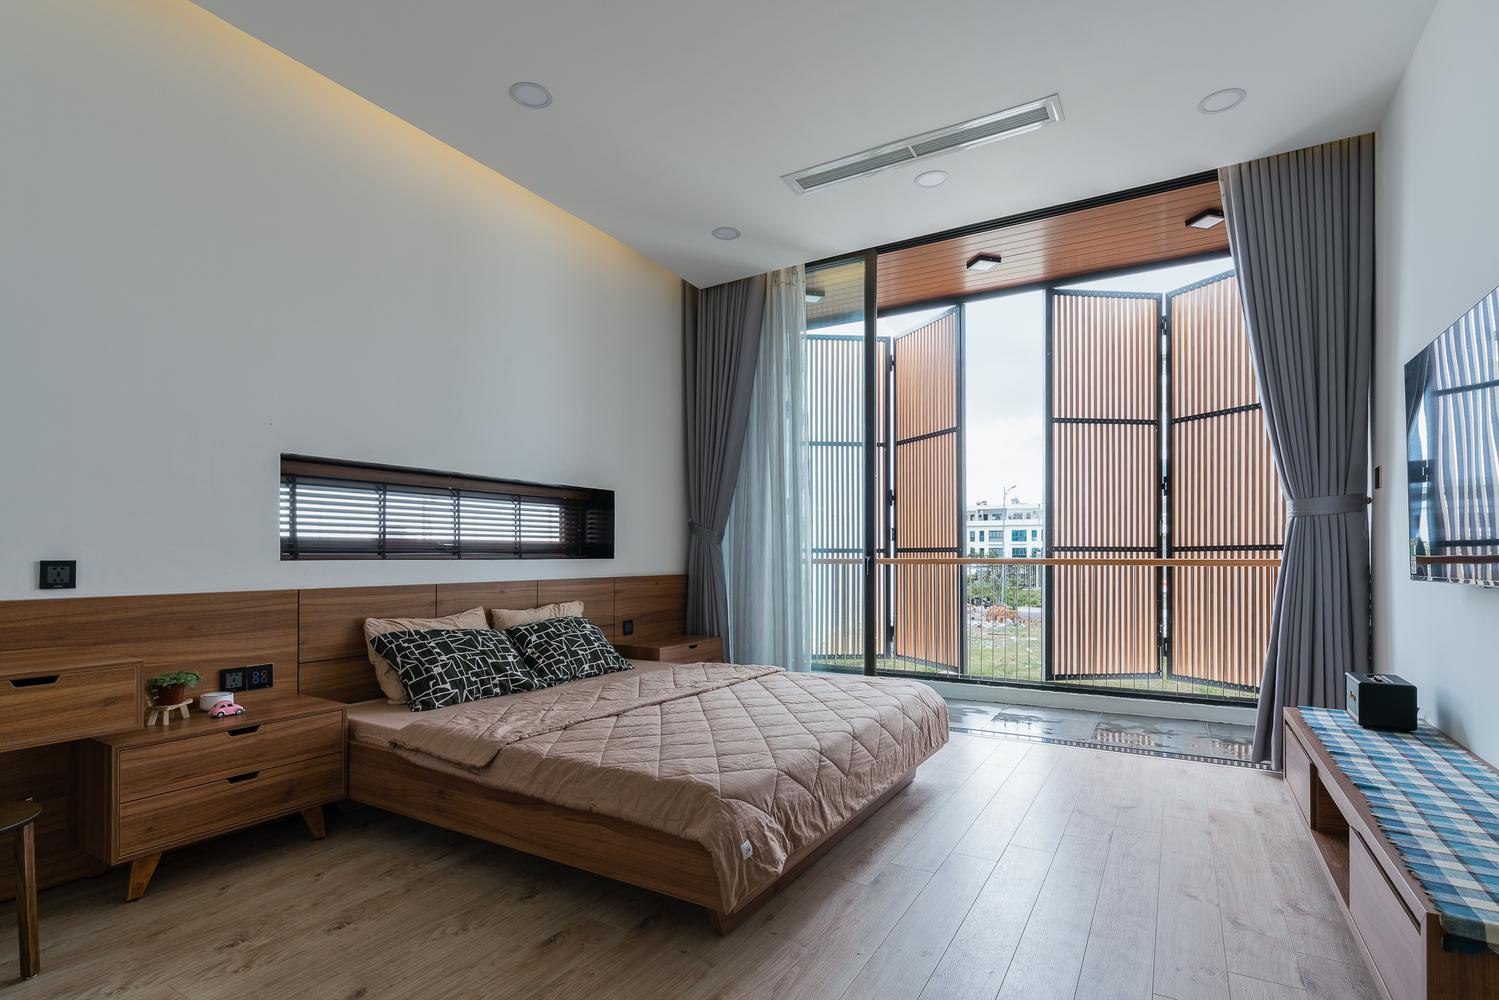 Phòng ngủ có giường, cửa kính sát trần, rèm